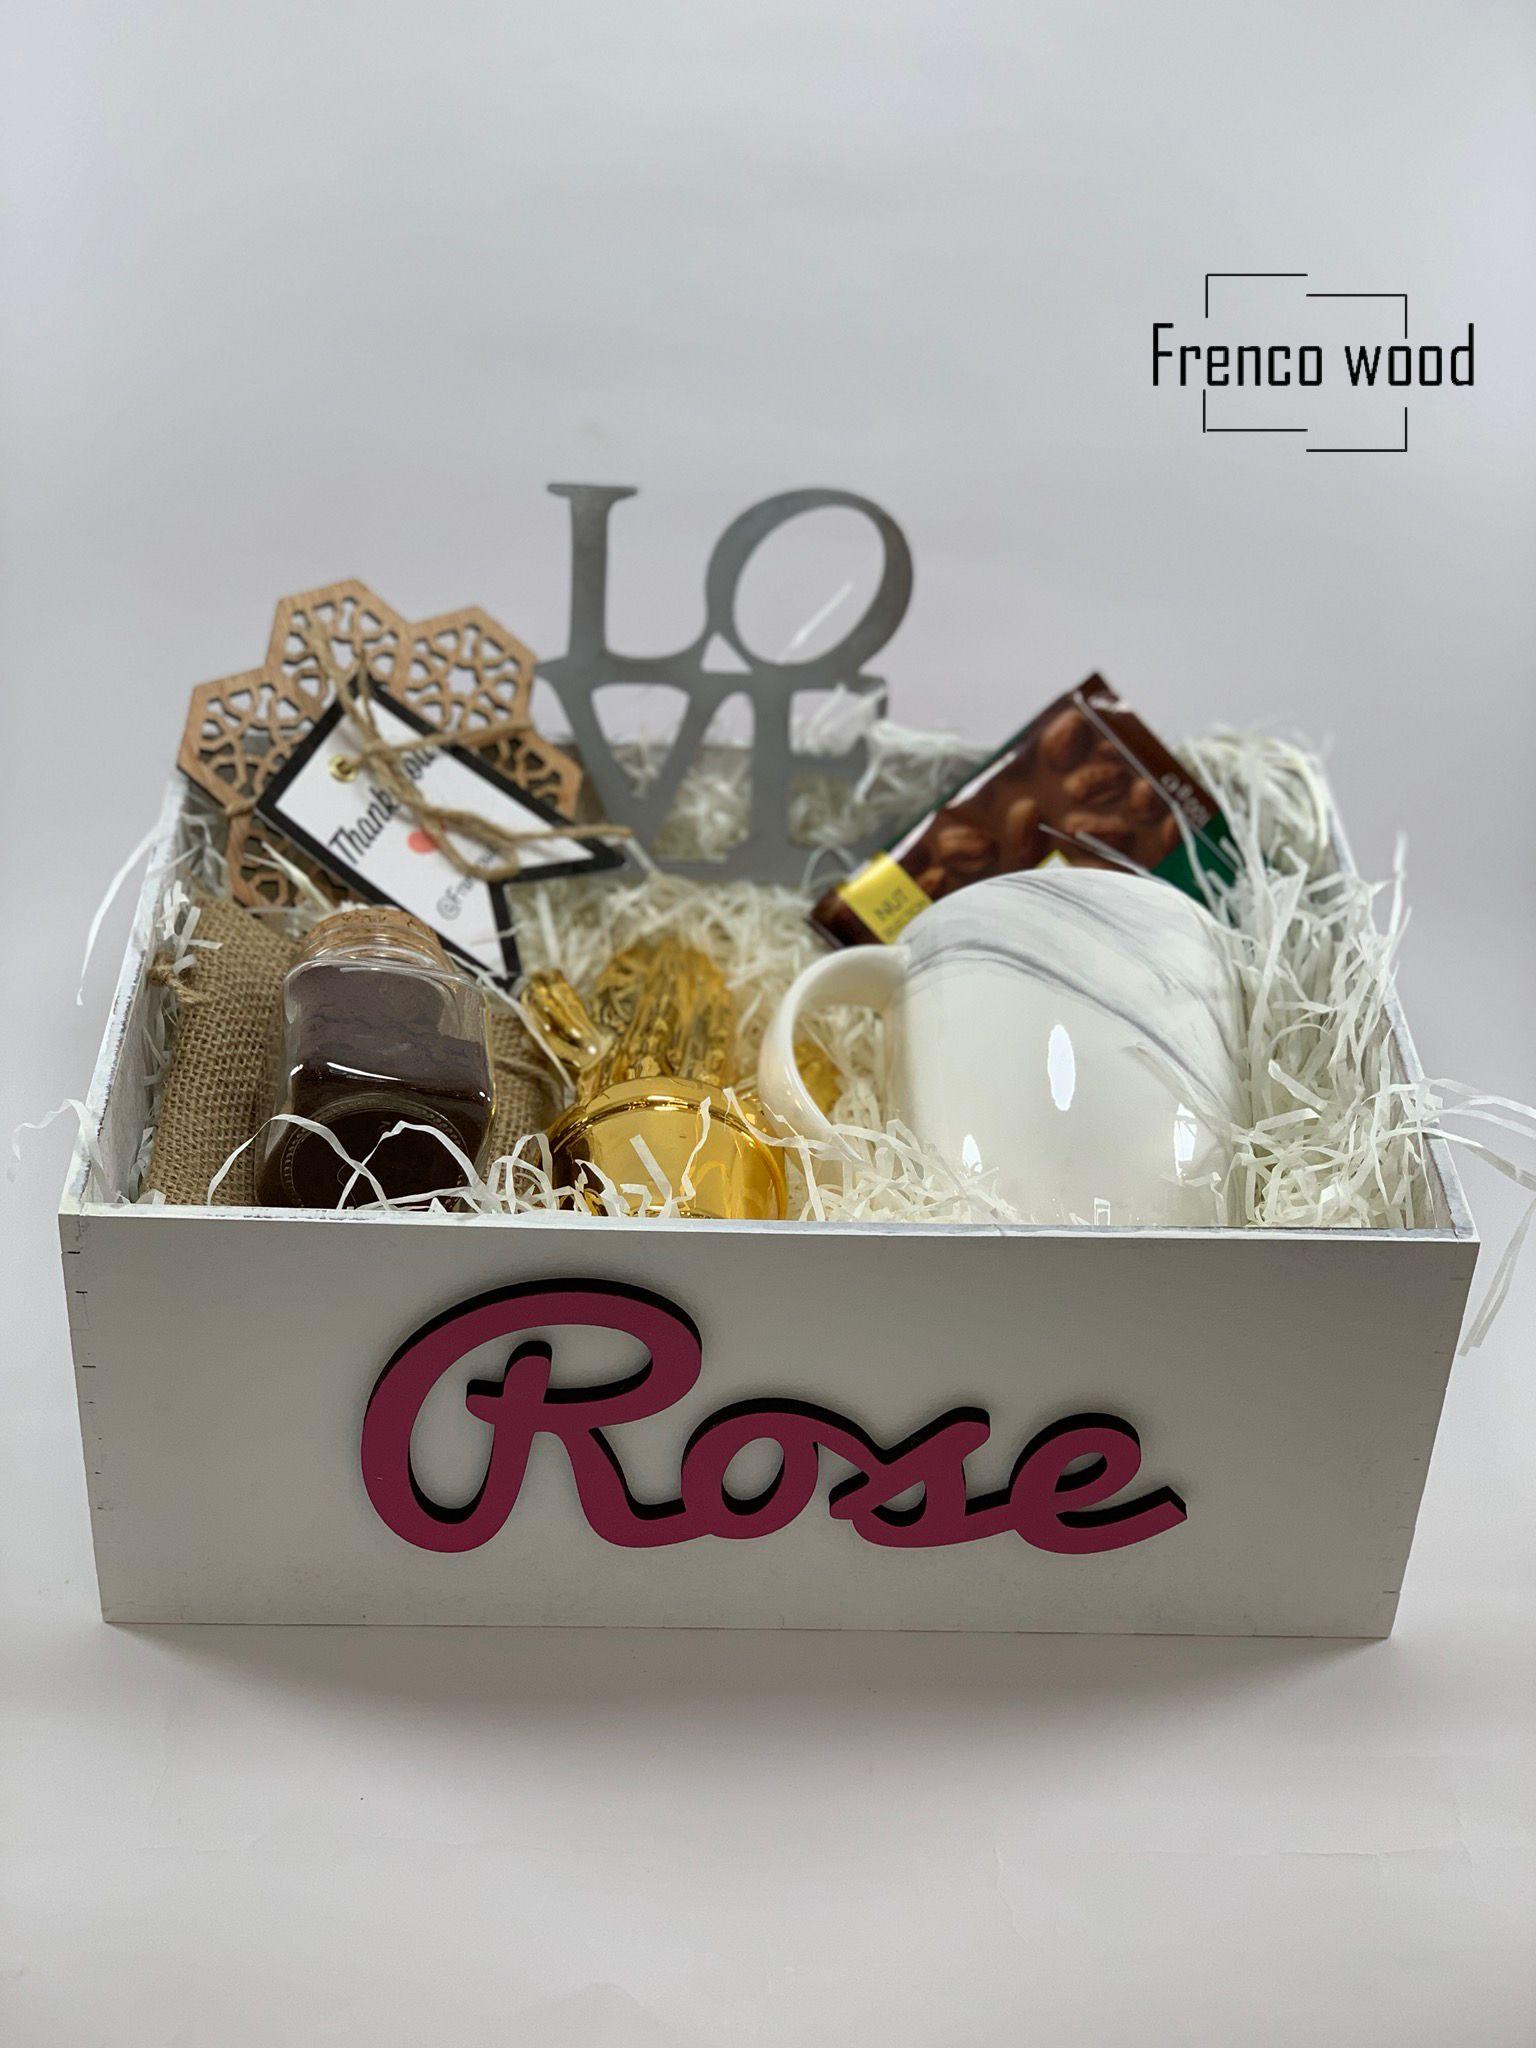 هدية هدايا بوكس بوكس خشبي توزيعات بالاسم تخرج نجاح مواليد افكار فكره هديه Giftbox Container Takeout Container Rose